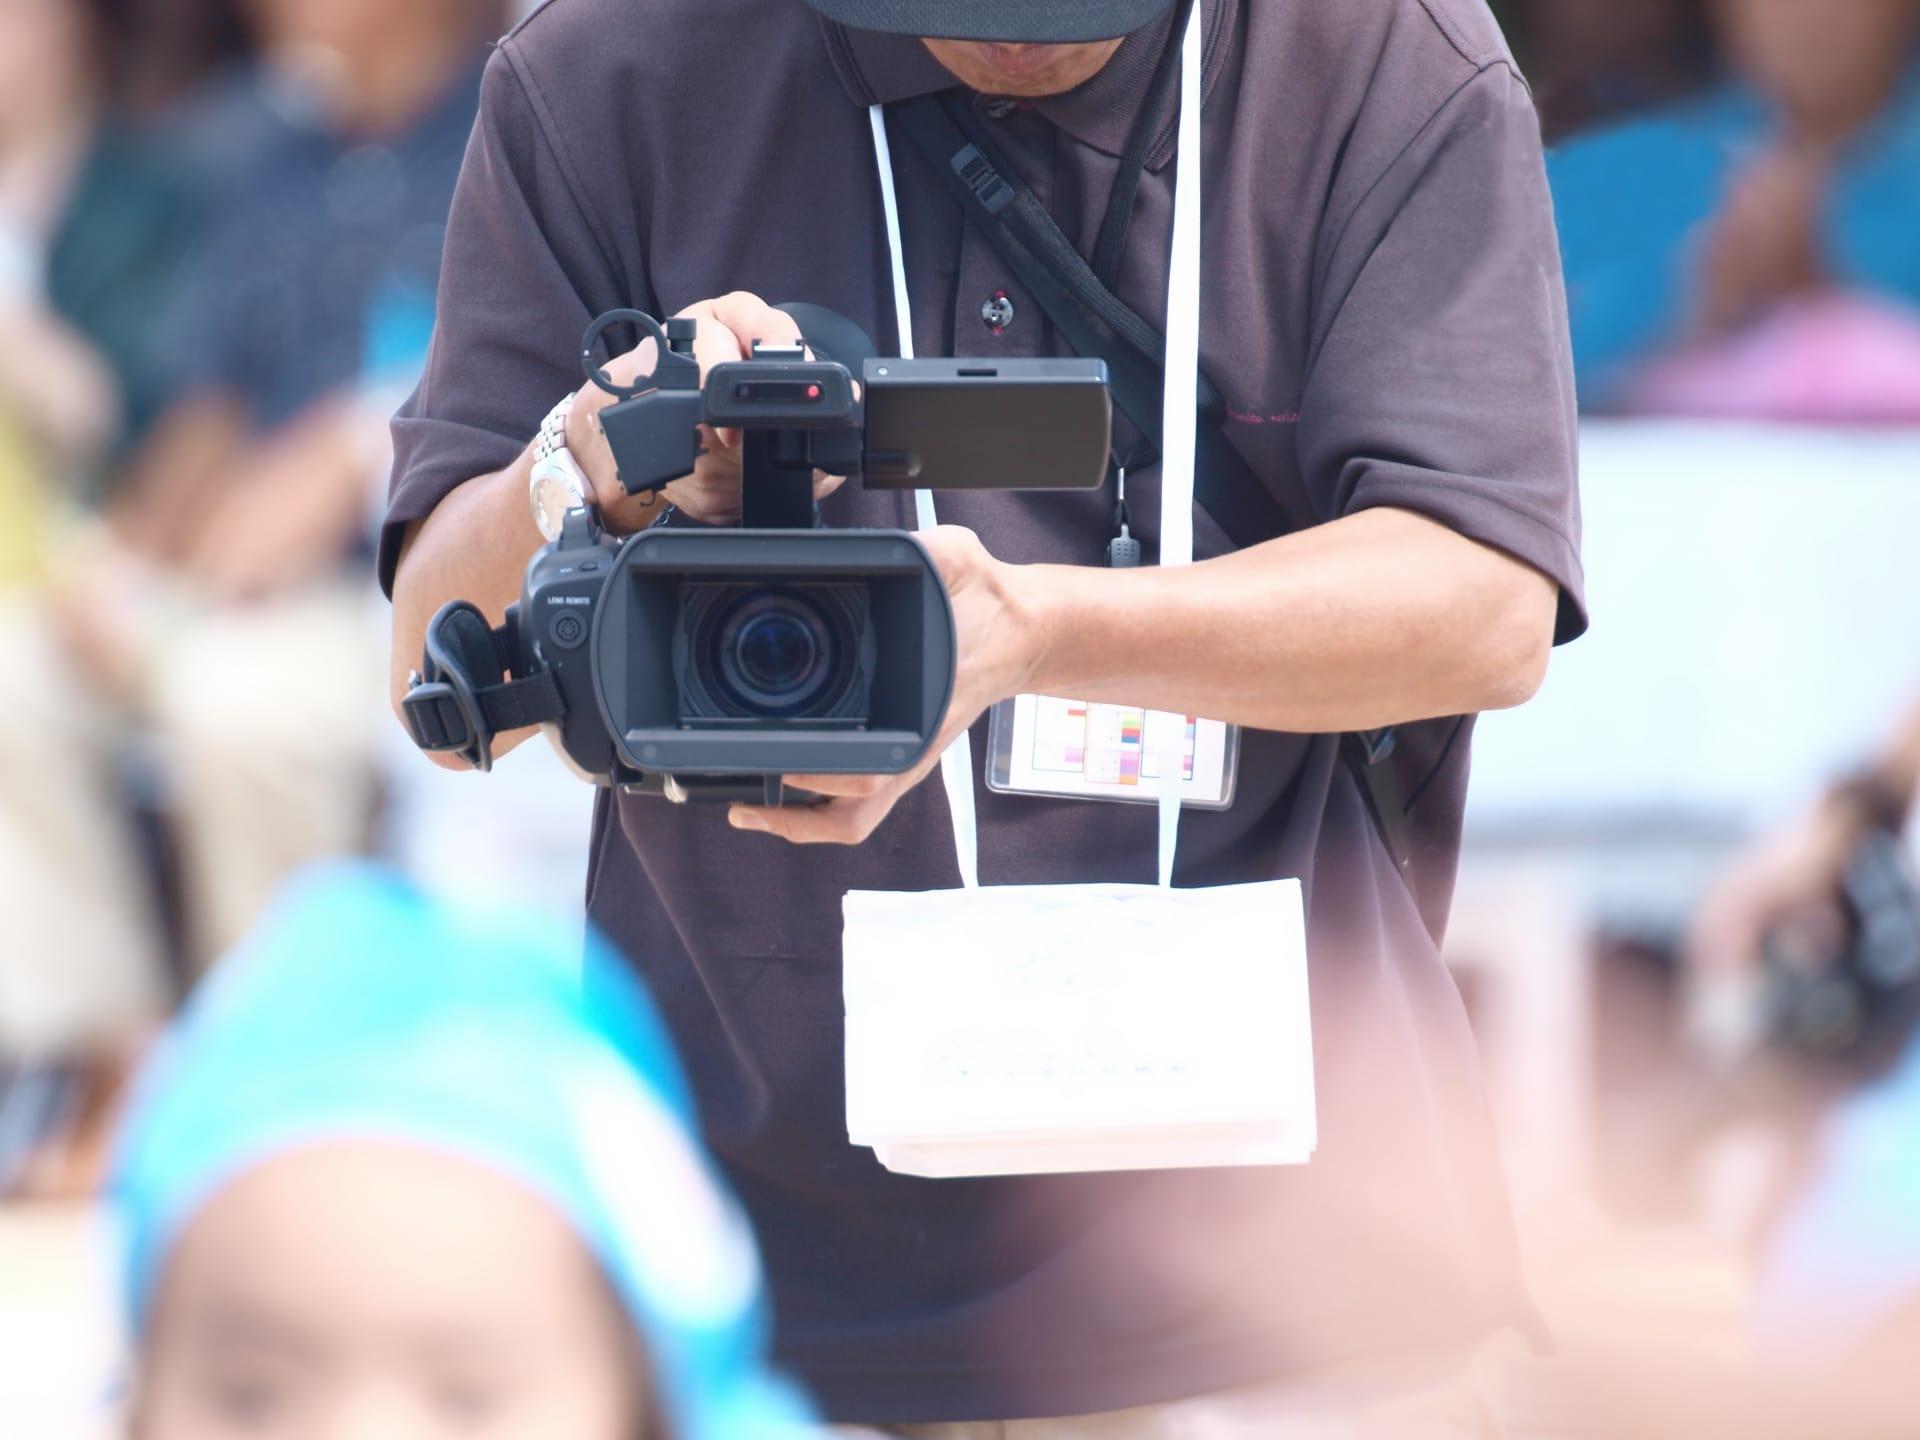 動画制作の相場:動画タイプによって料金プランは異なる?